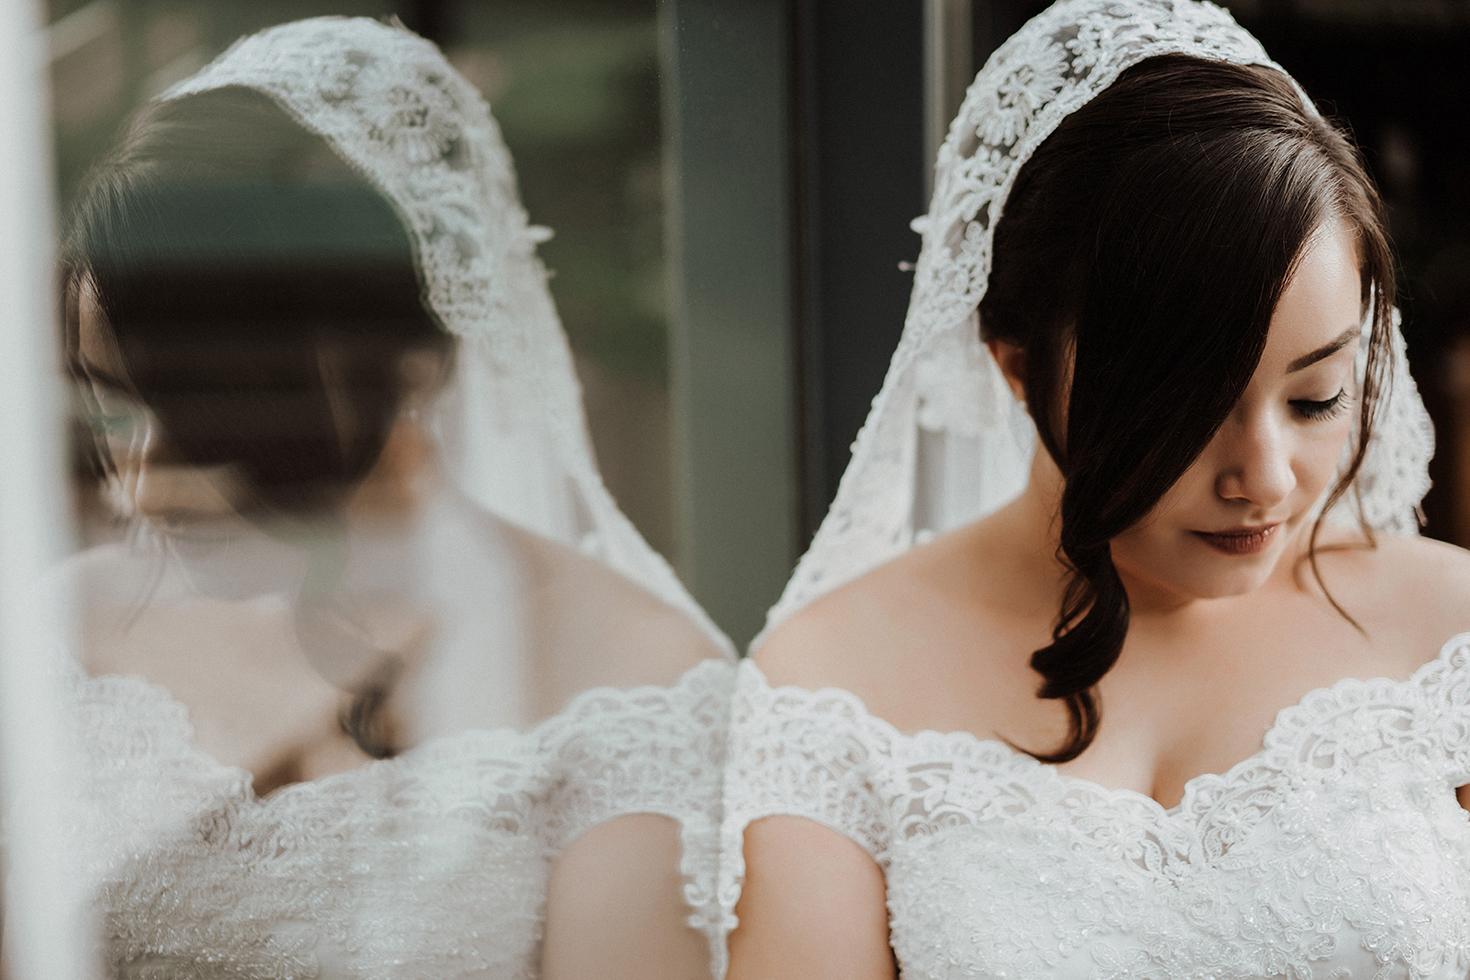 Elegante Reflexion einer Braut im  Spiegel.jpg